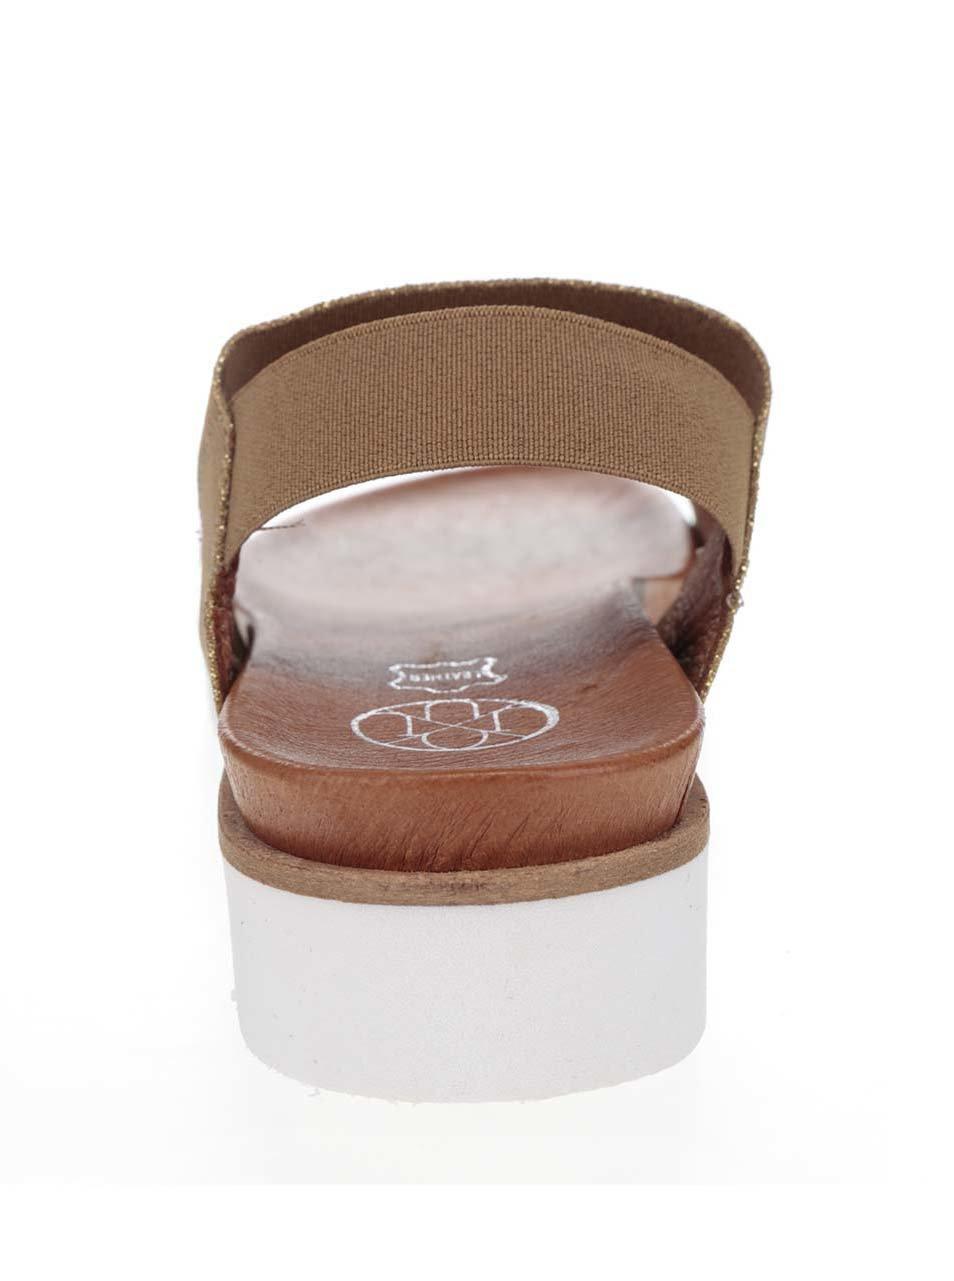 ad20bcd8dc23 Dámske sandále v zlato-hnedej farbe OJJU ...